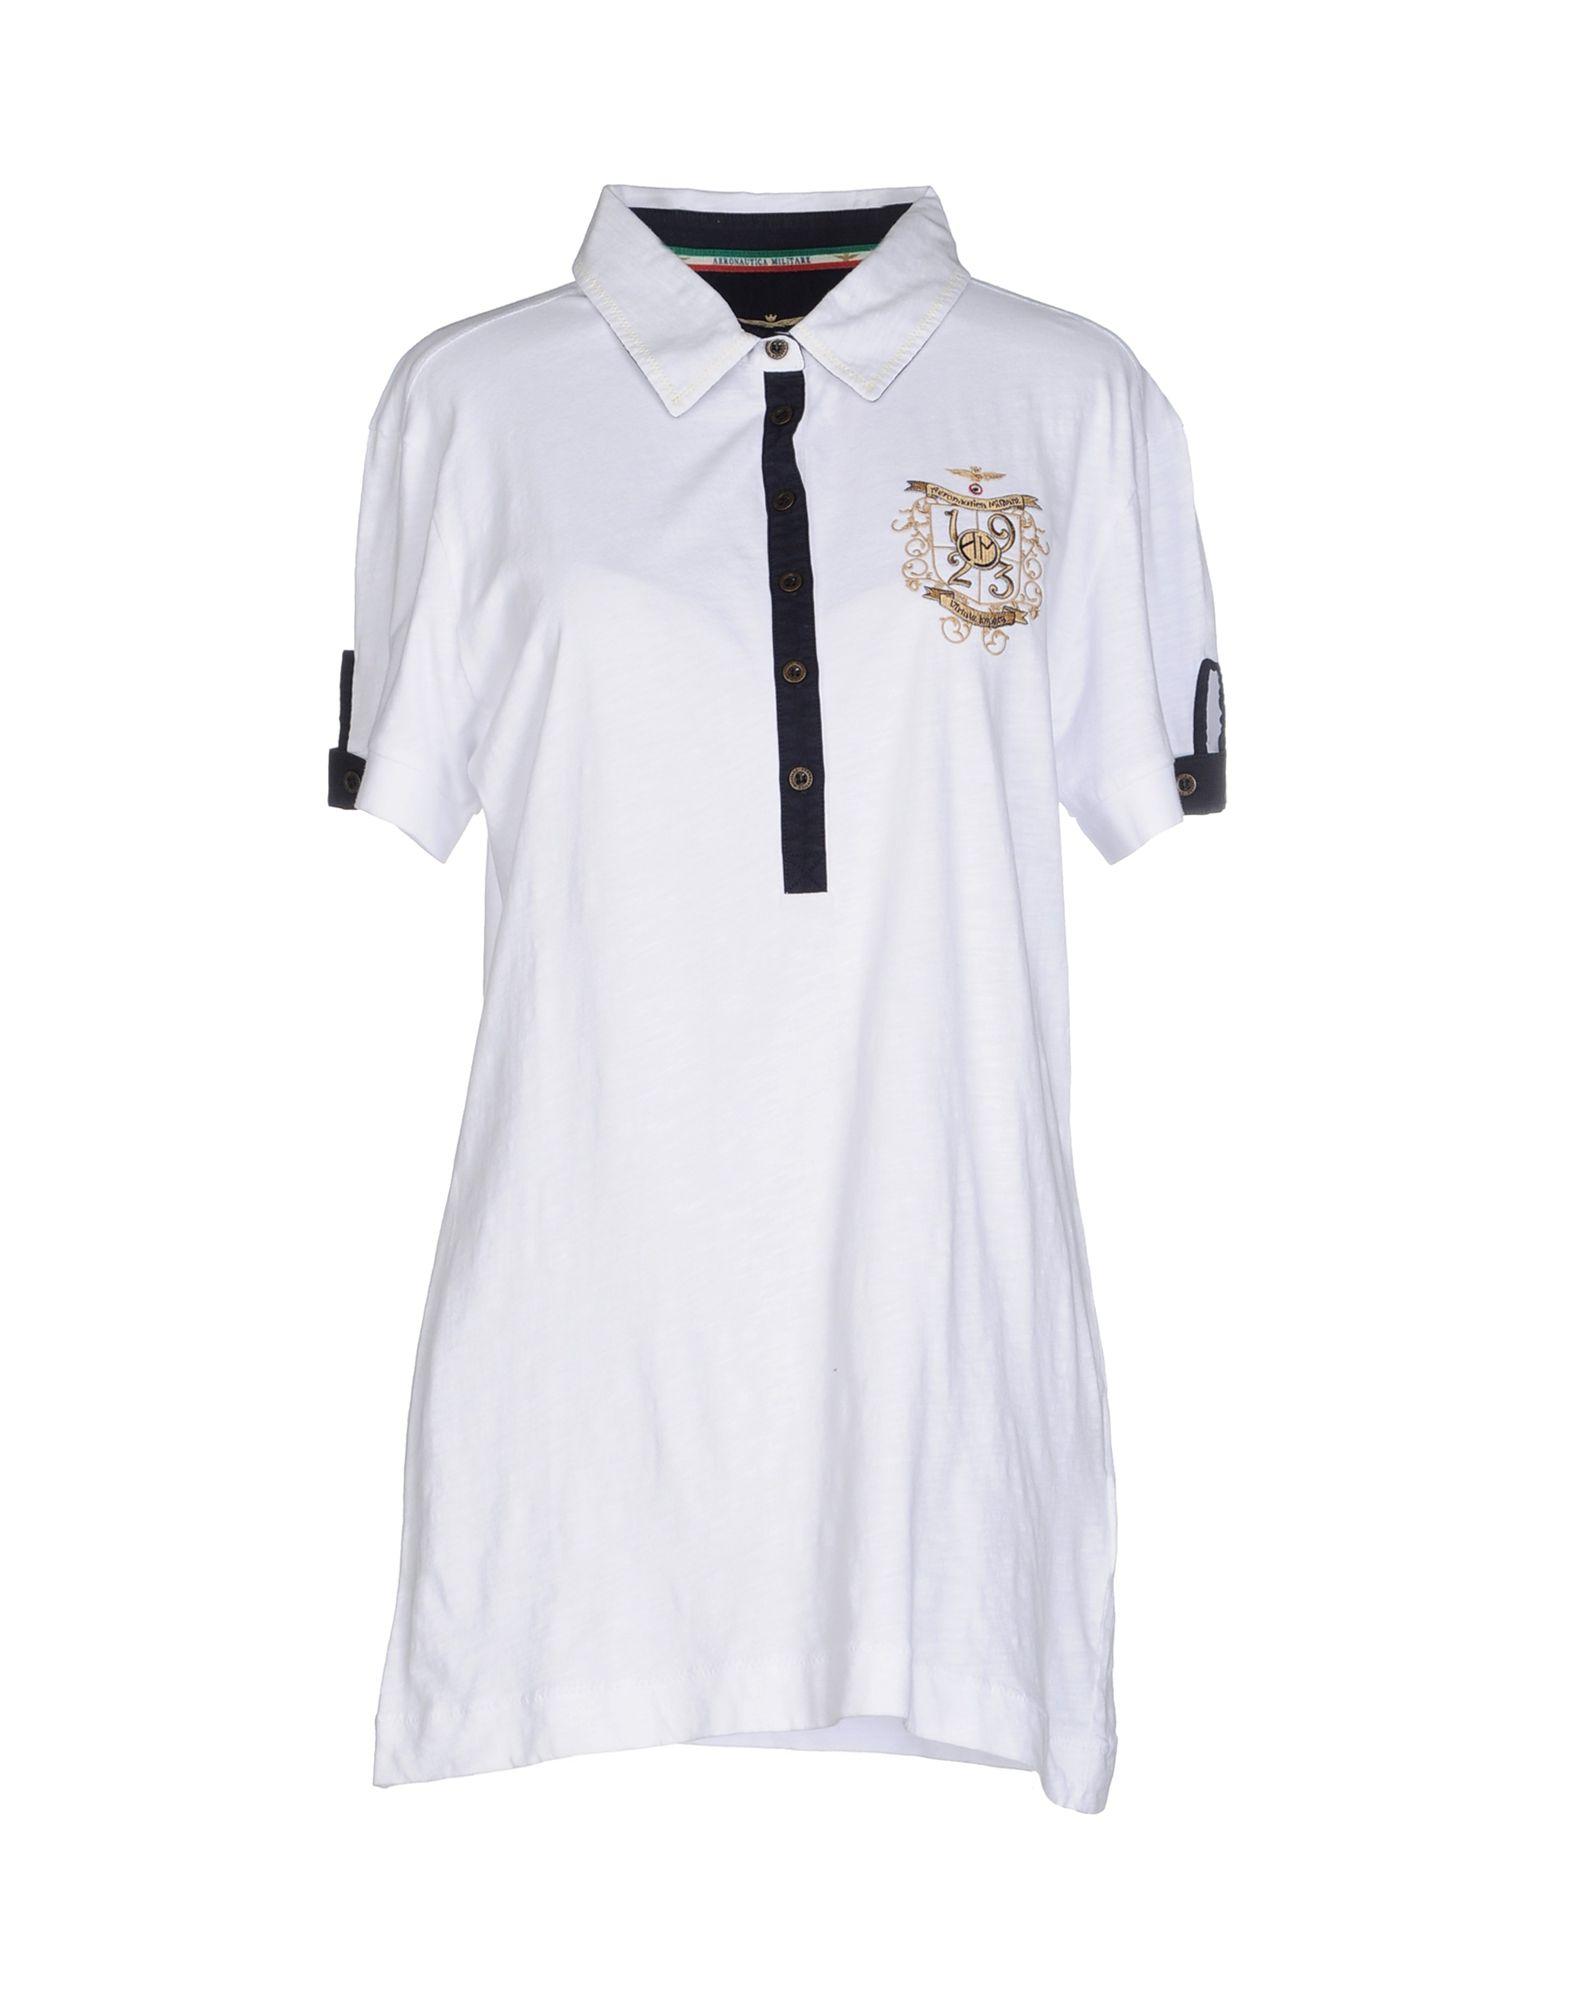 《送料無料》AERONAUTICA MILITARE レディース ポロシャツ ホワイト S コットン 100%